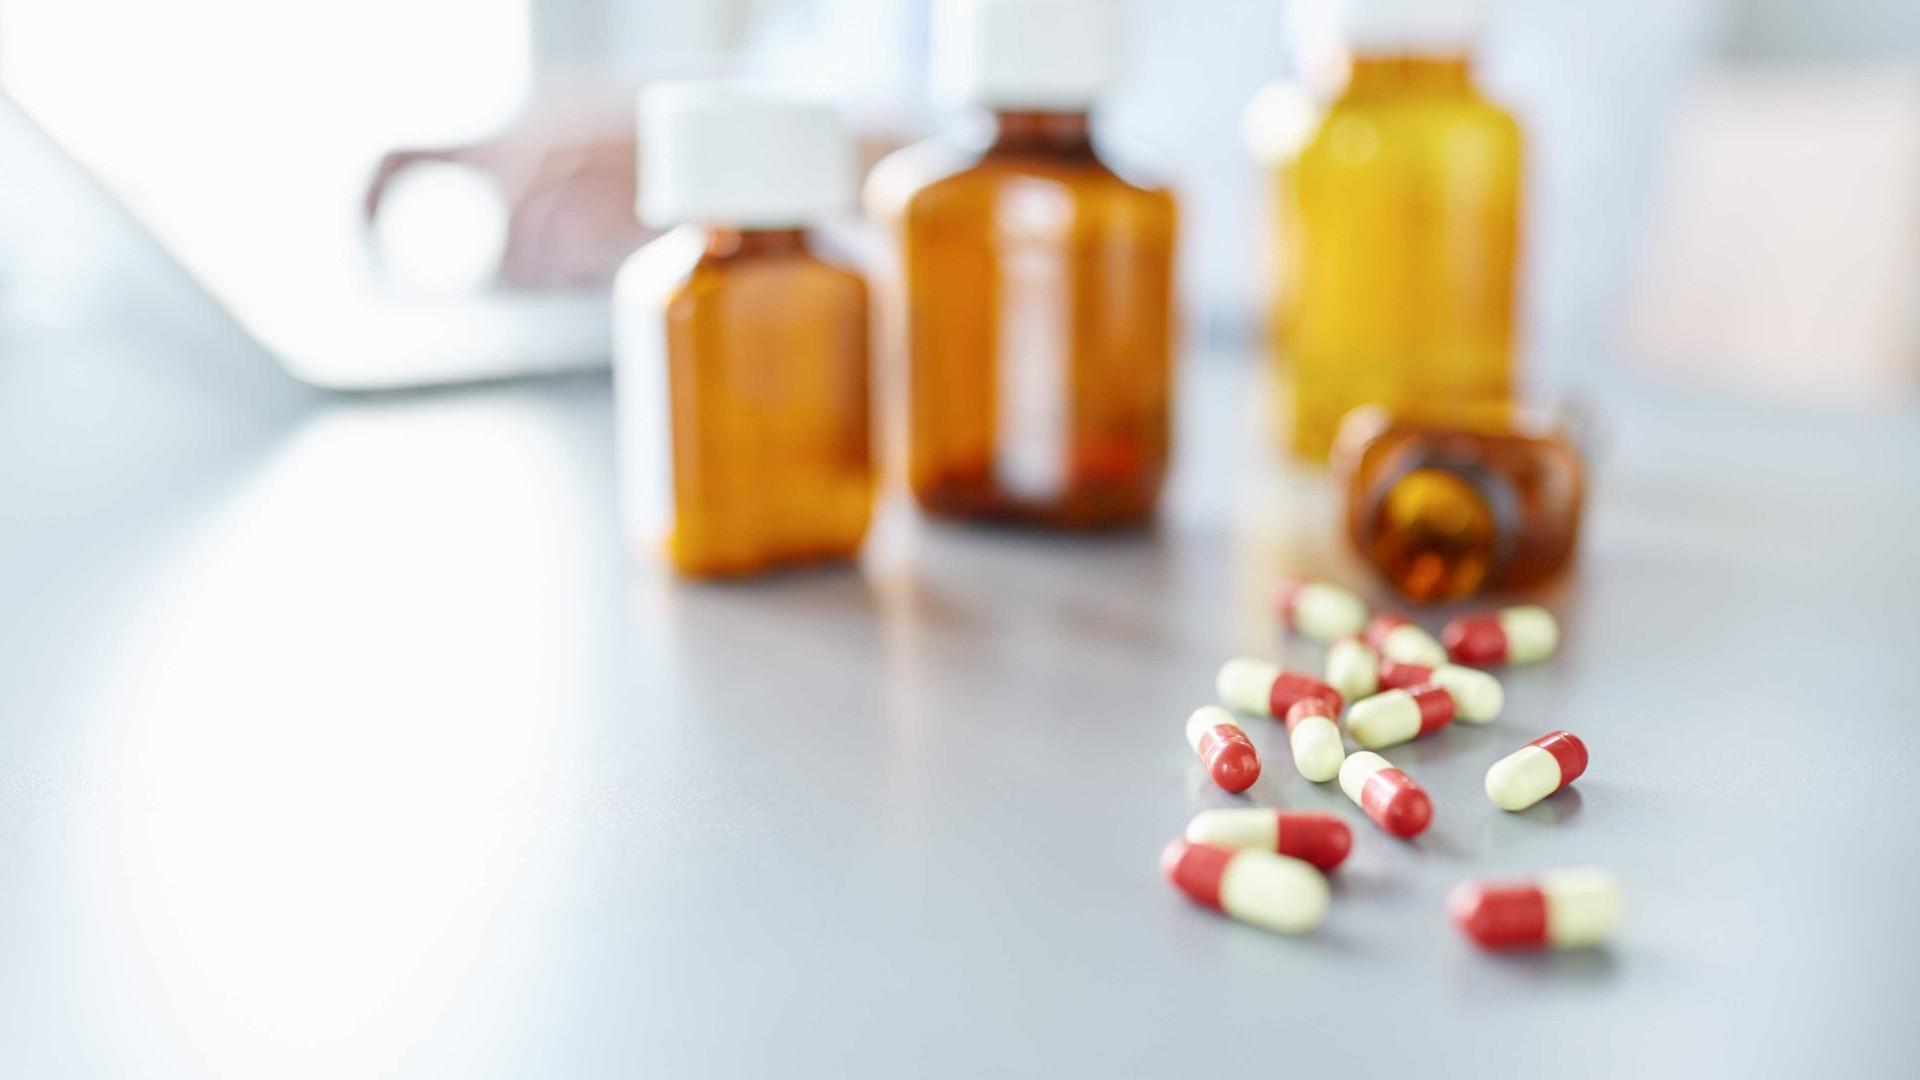 Empresa garante dois milhões para combater resistência a antibióticos